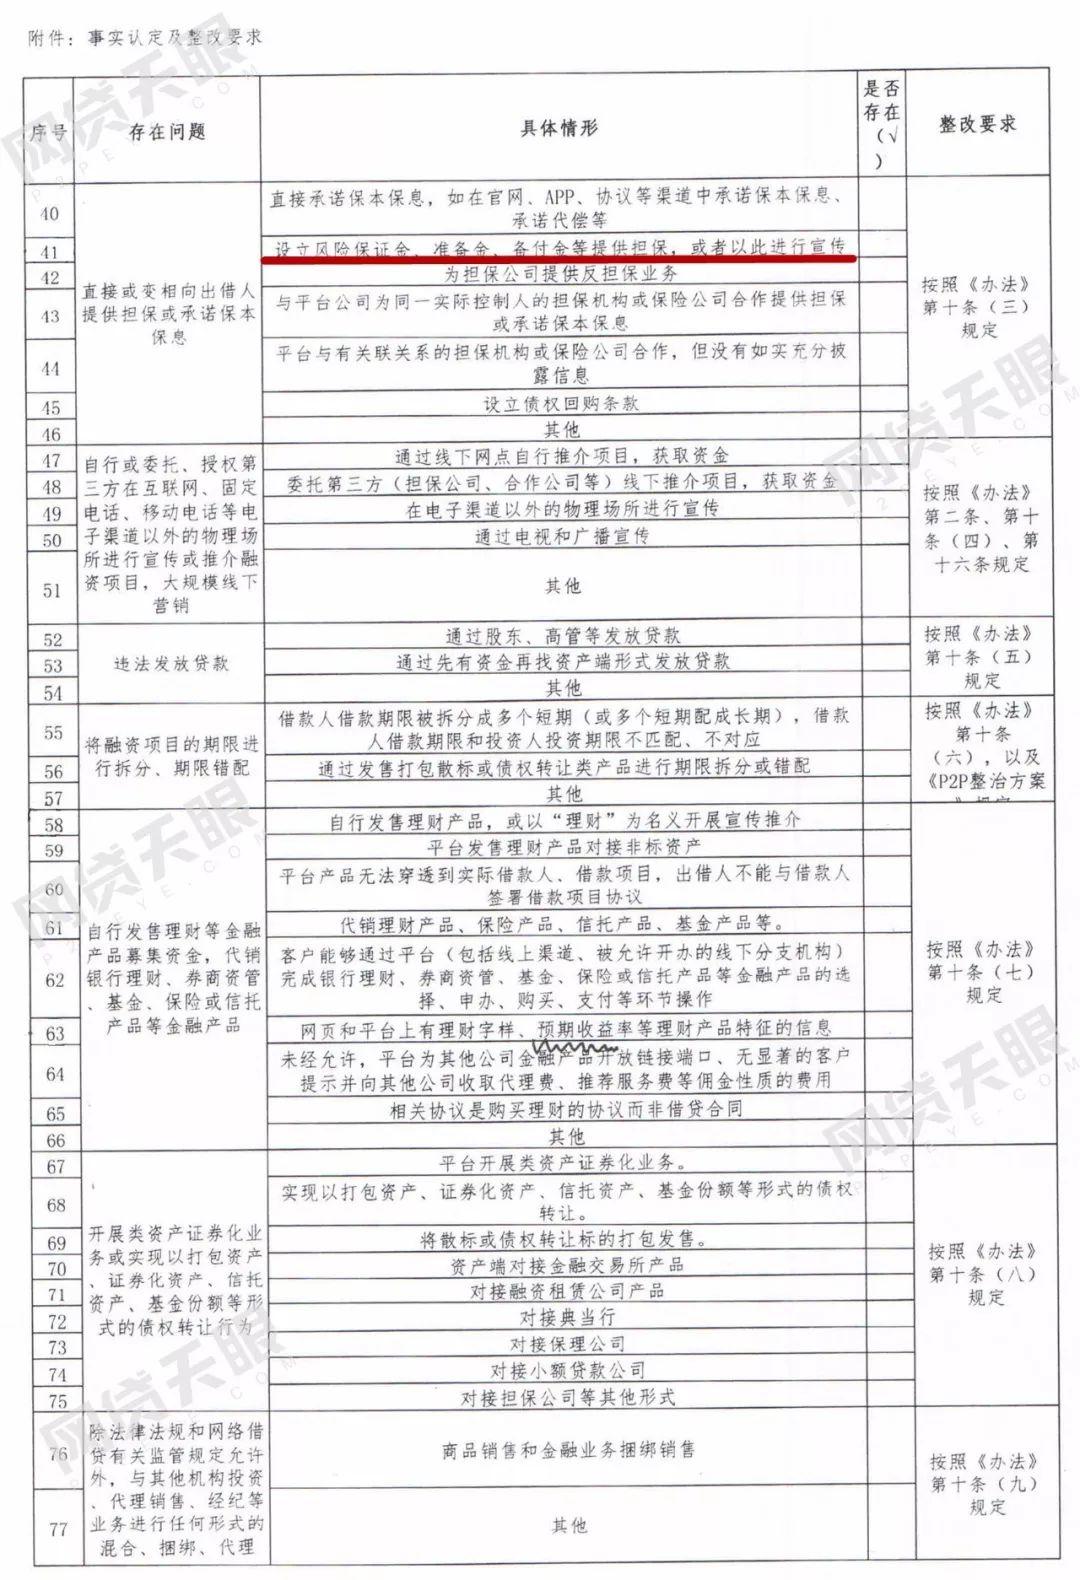 ▲北京《网络借贷信息中介机构事实认定及整改要求》截图